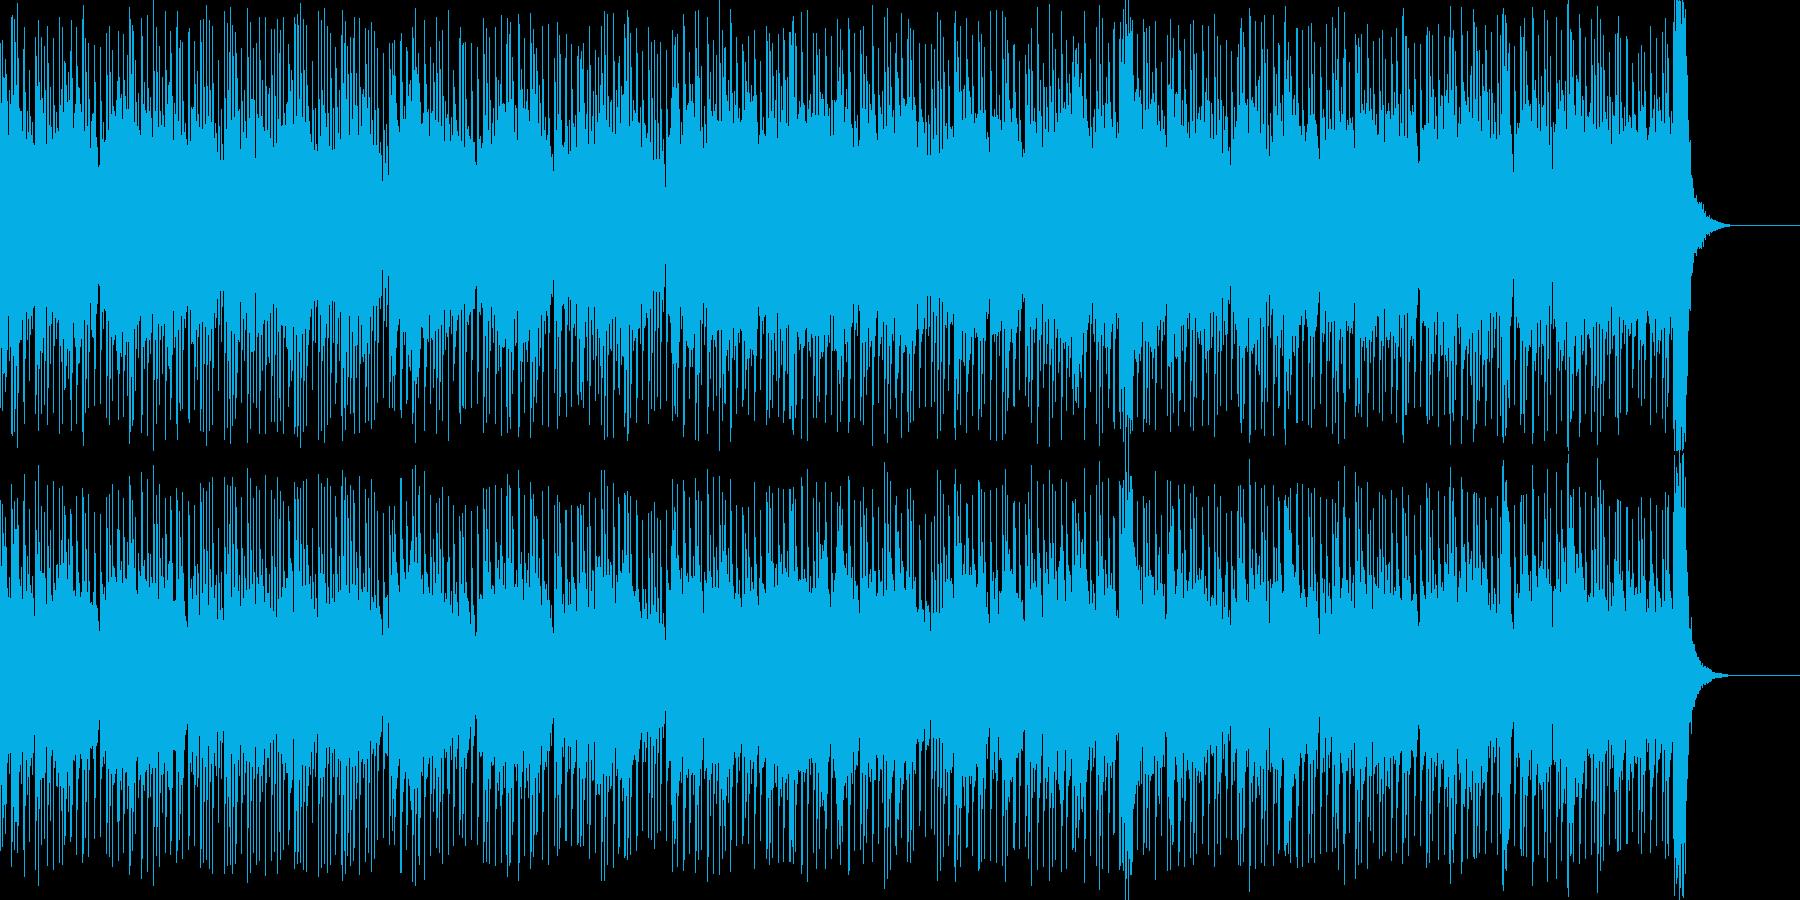 ゲームOPや日常シーンを想定した明るい曲の再生済みの波形